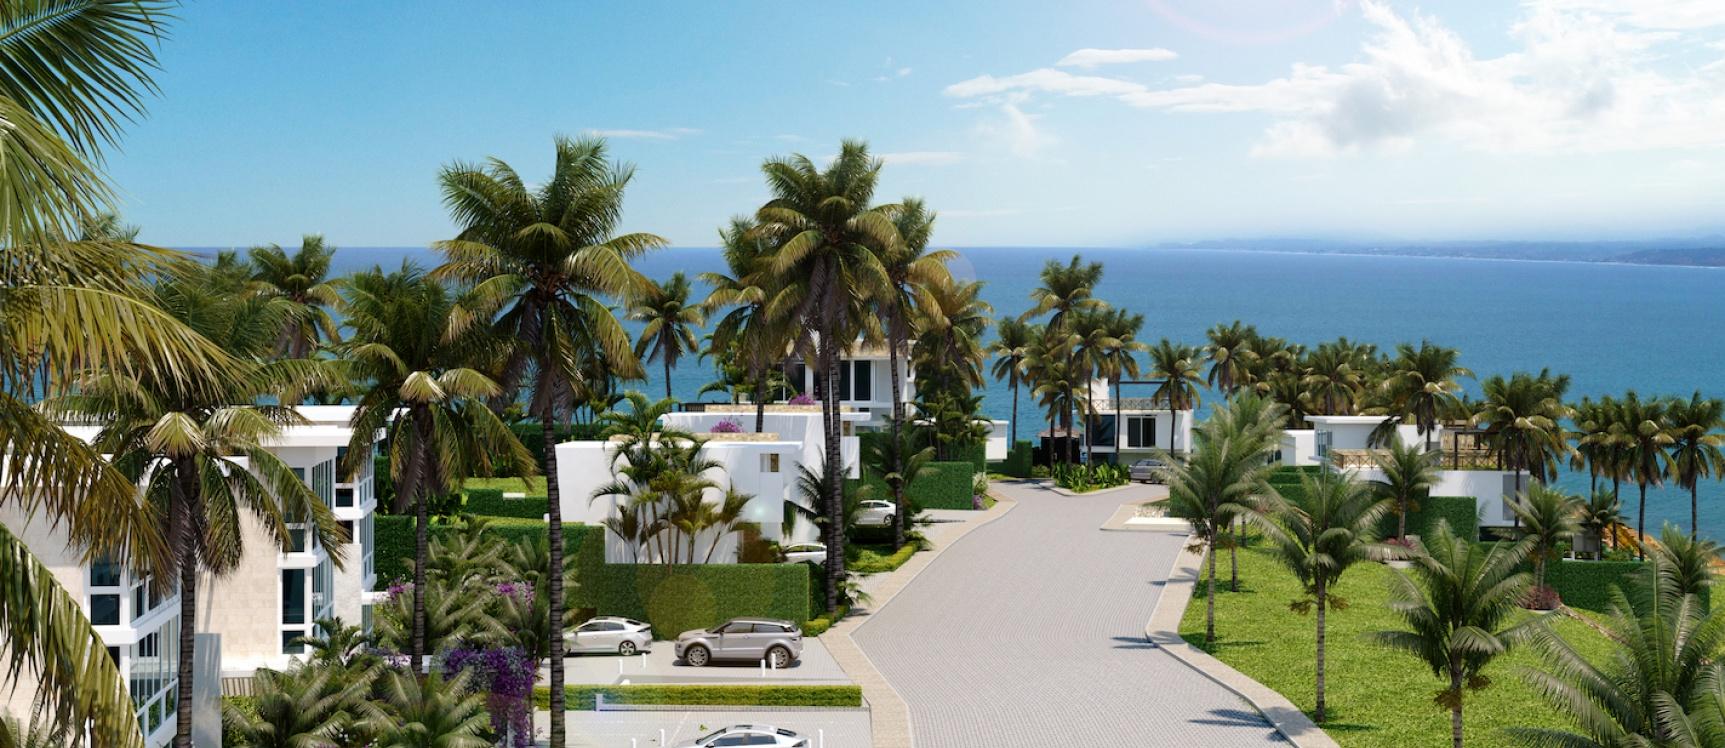 GeoBienes - Terreno Unifamiliar en la Urbanización Vista Pacifico - Ayangue - Plusvalia Guayaquil Casas de venta y alquiler Inmobiliaria Ecuador